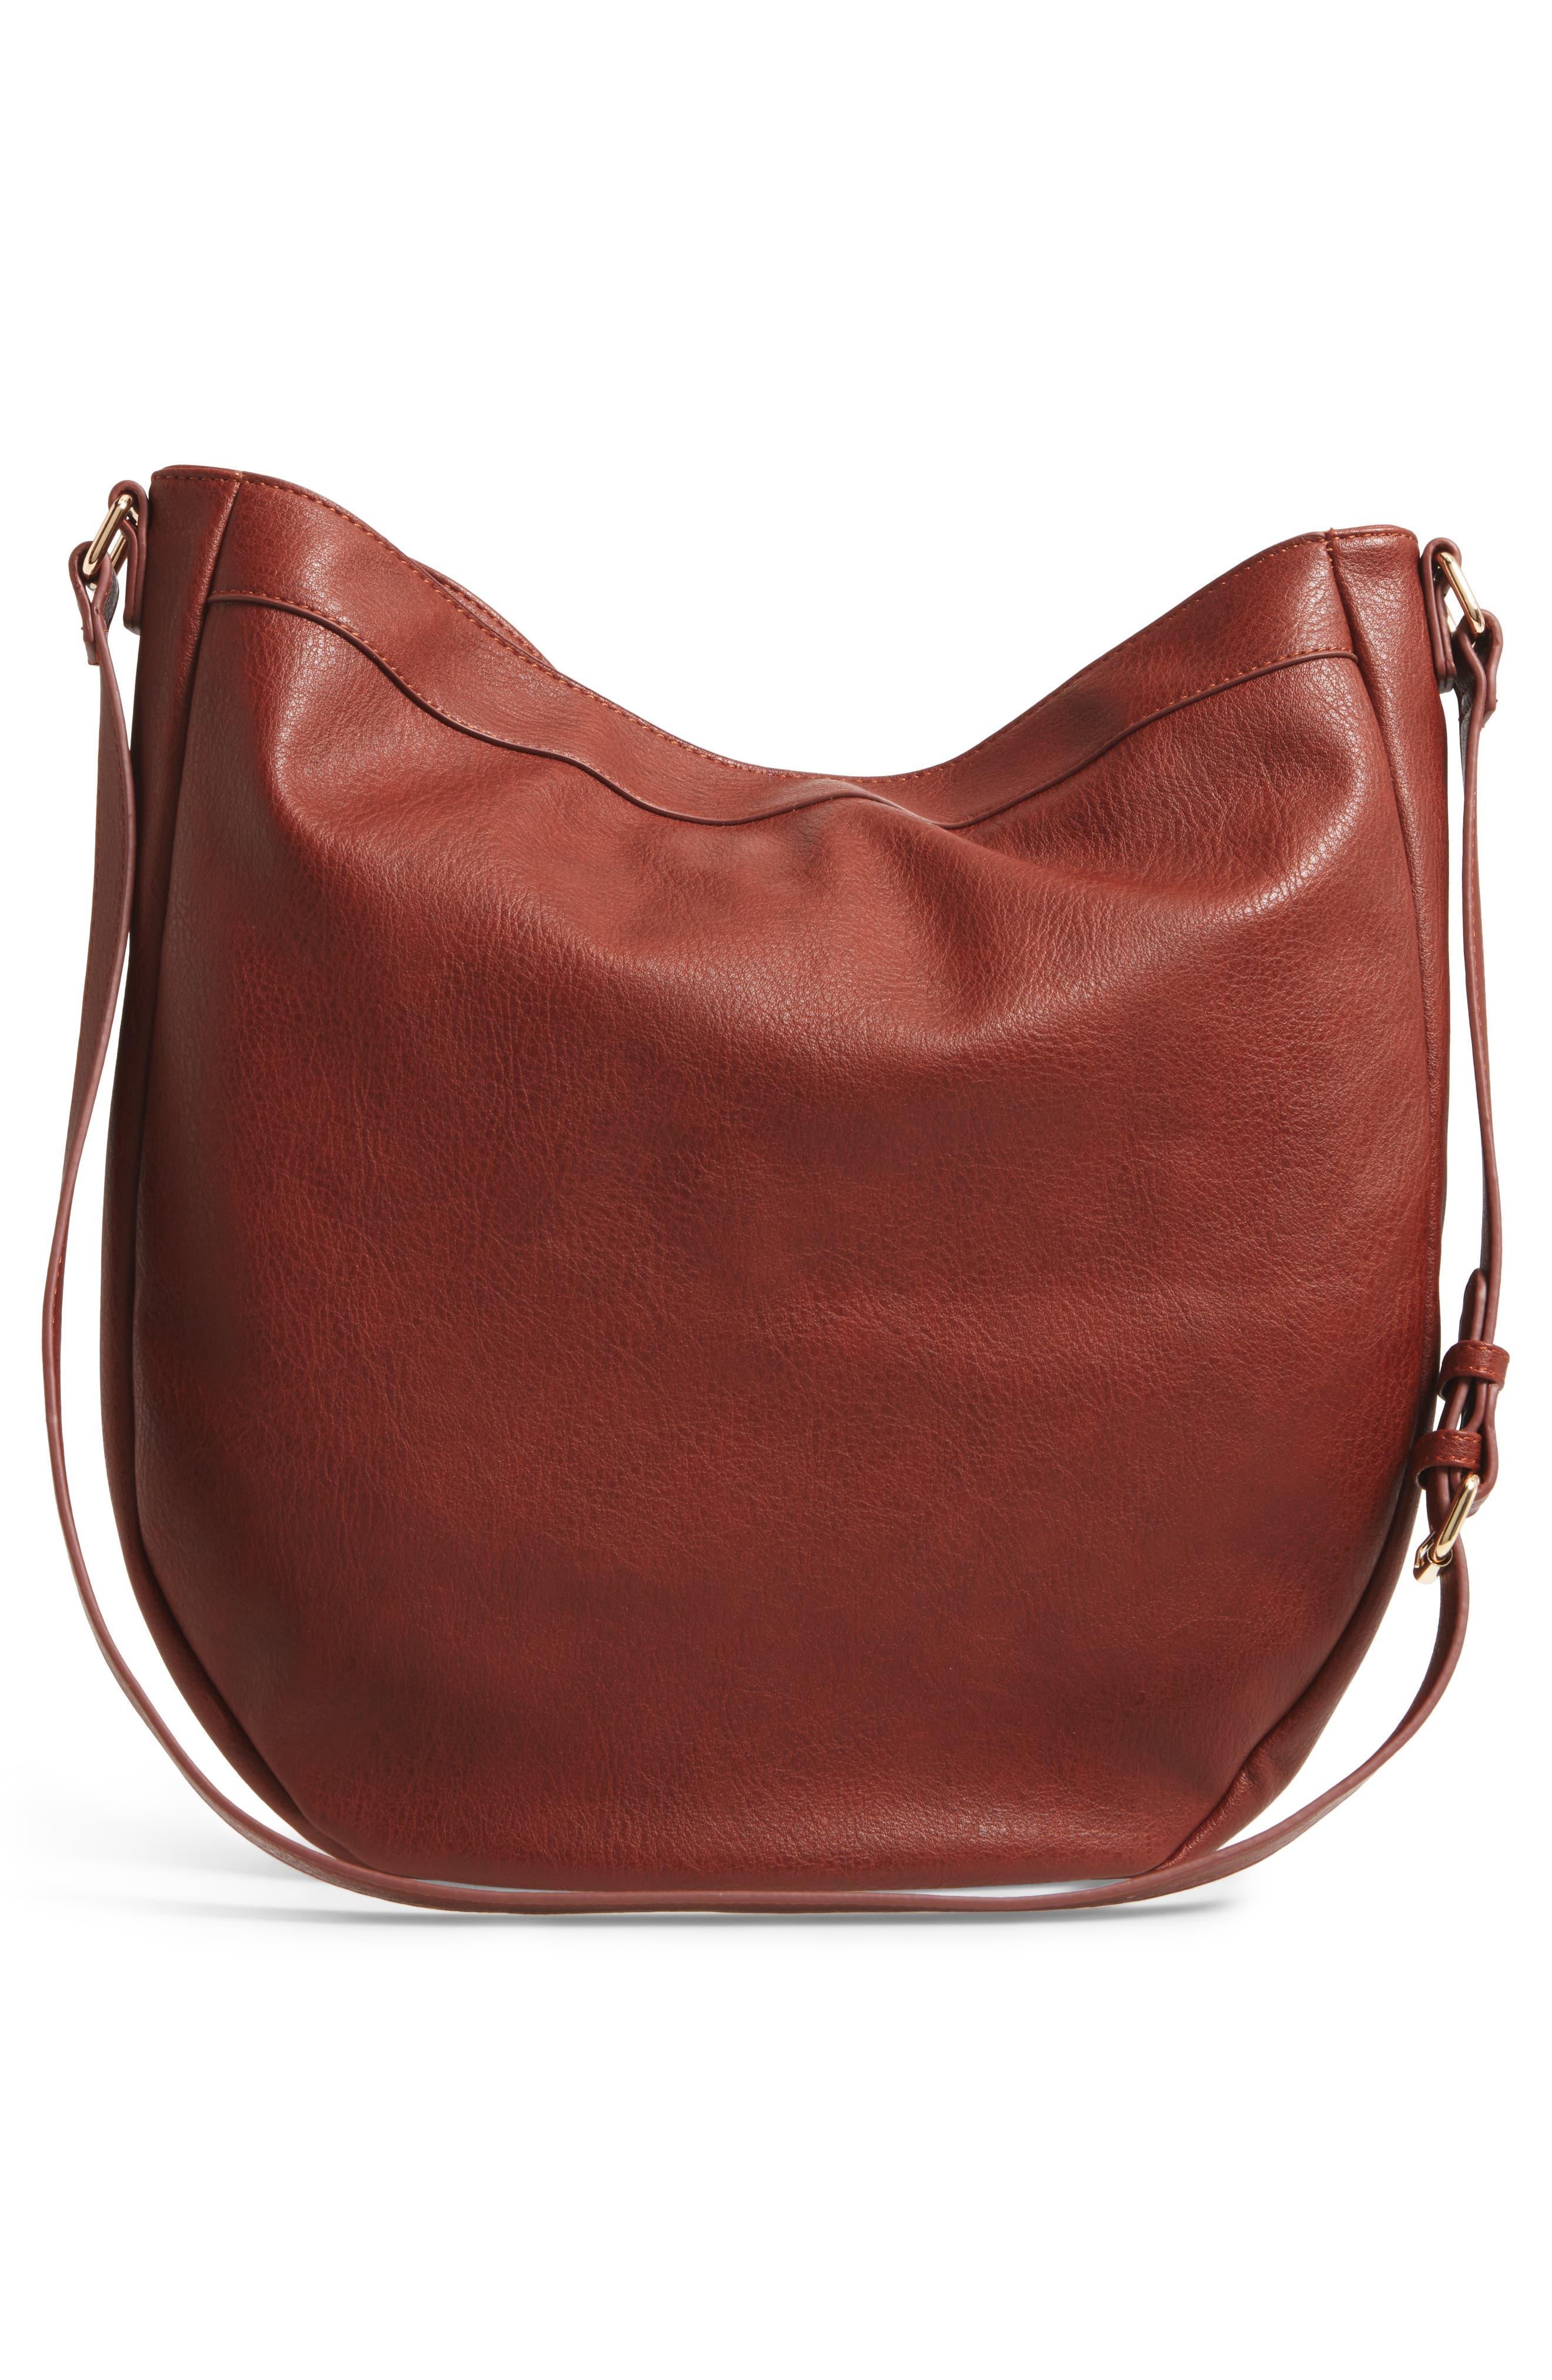 Kadence Faux Leather Shoulder Bag,                             Alternate thumbnail 6, color,